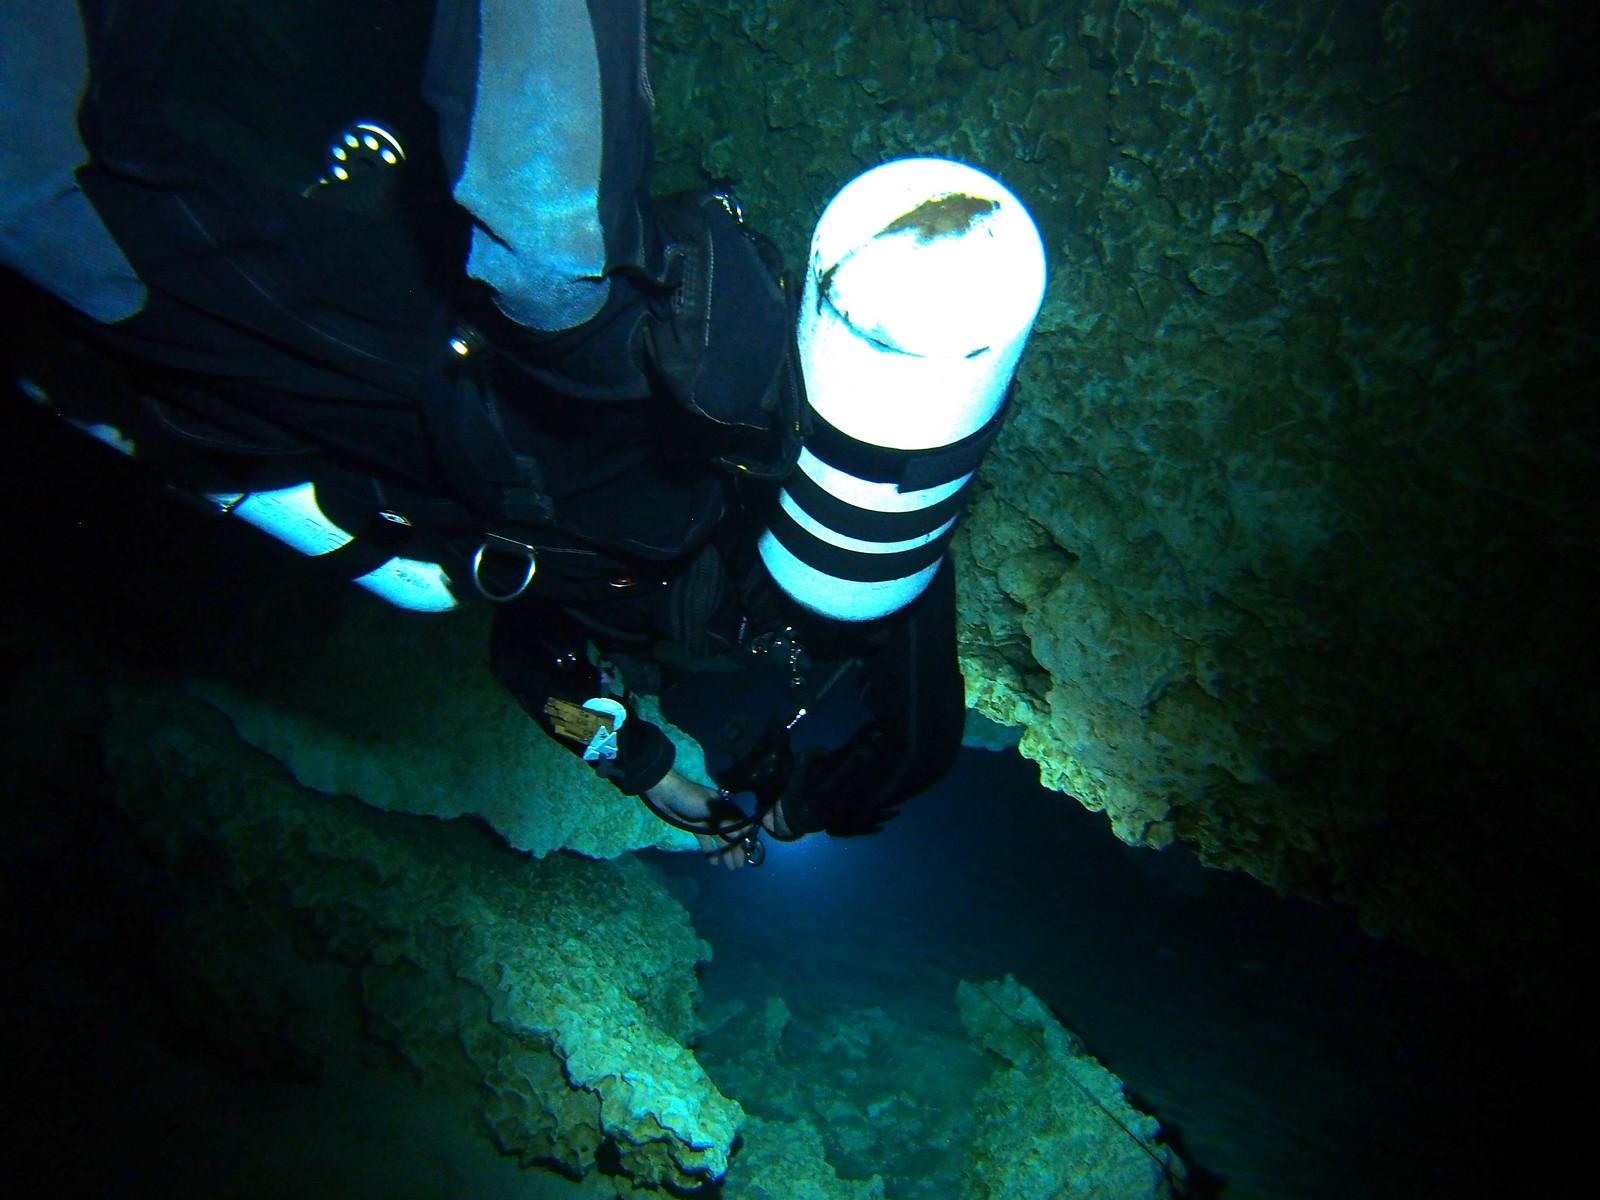 """Das Foto wurde von Laurent Miroult aufgenommen in Jackson Blue im """"Kamin"""", der in einem 45 Grad Winkel von 15m auf 30m Tiefe führt."""